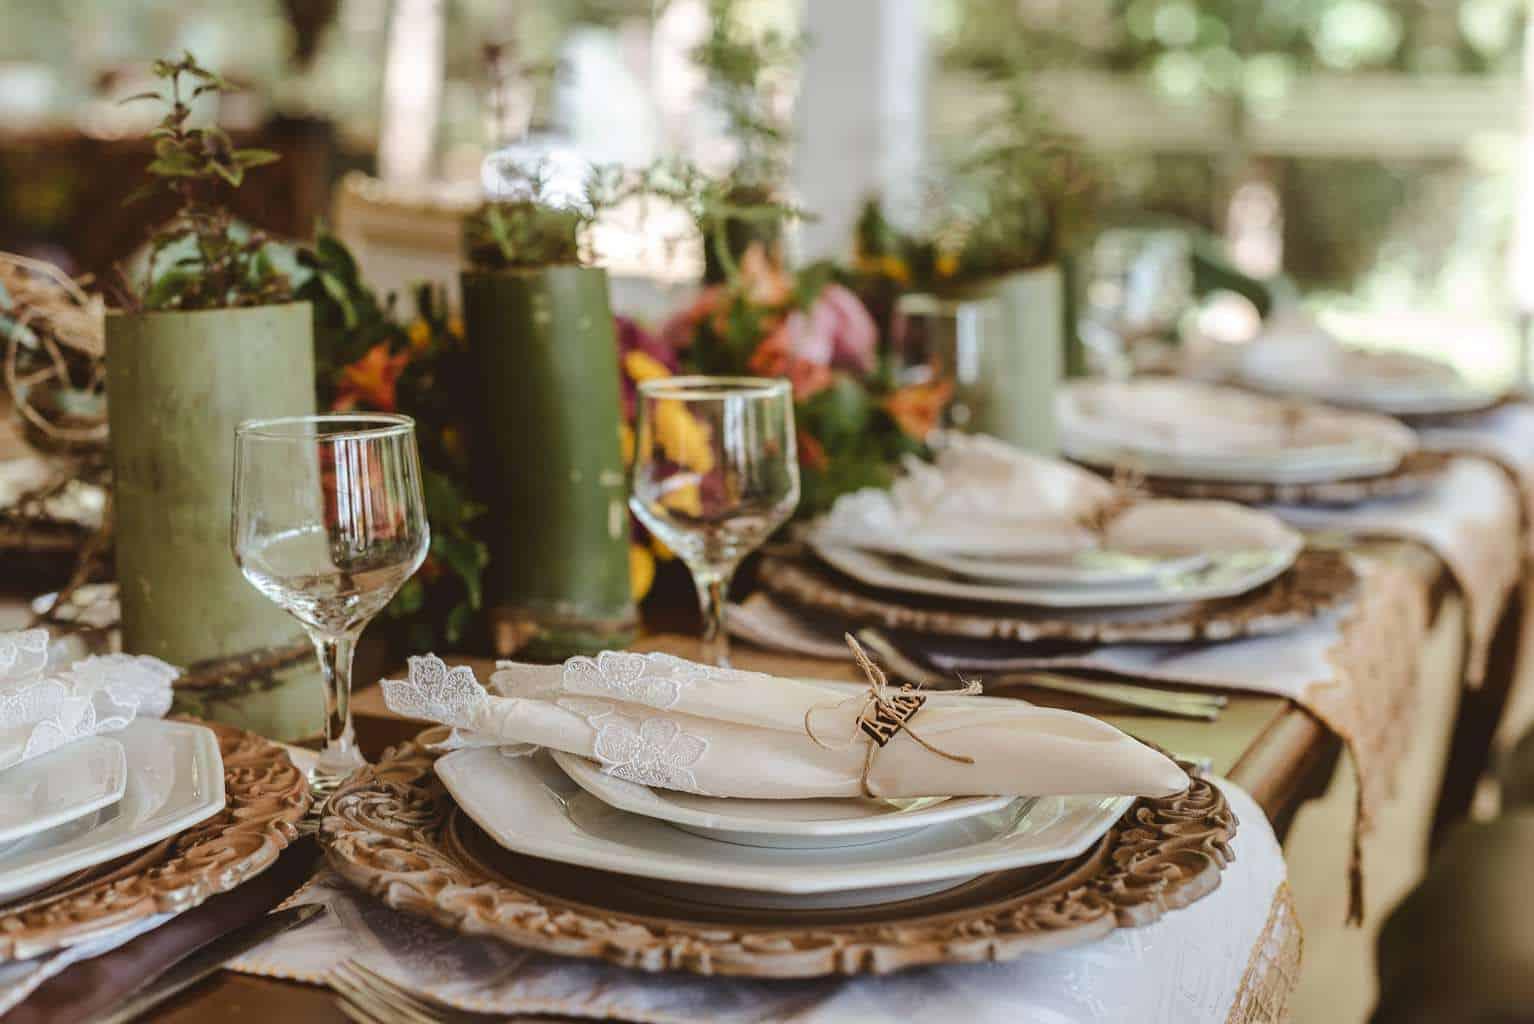 casamento-ao-ar-livre-casamento-boho-casamento-geek-casamento-rustico-casamento-Thais-e-Pedro-decoração-Revoar-Fotografia-Villa-Borghese-Eventos-15